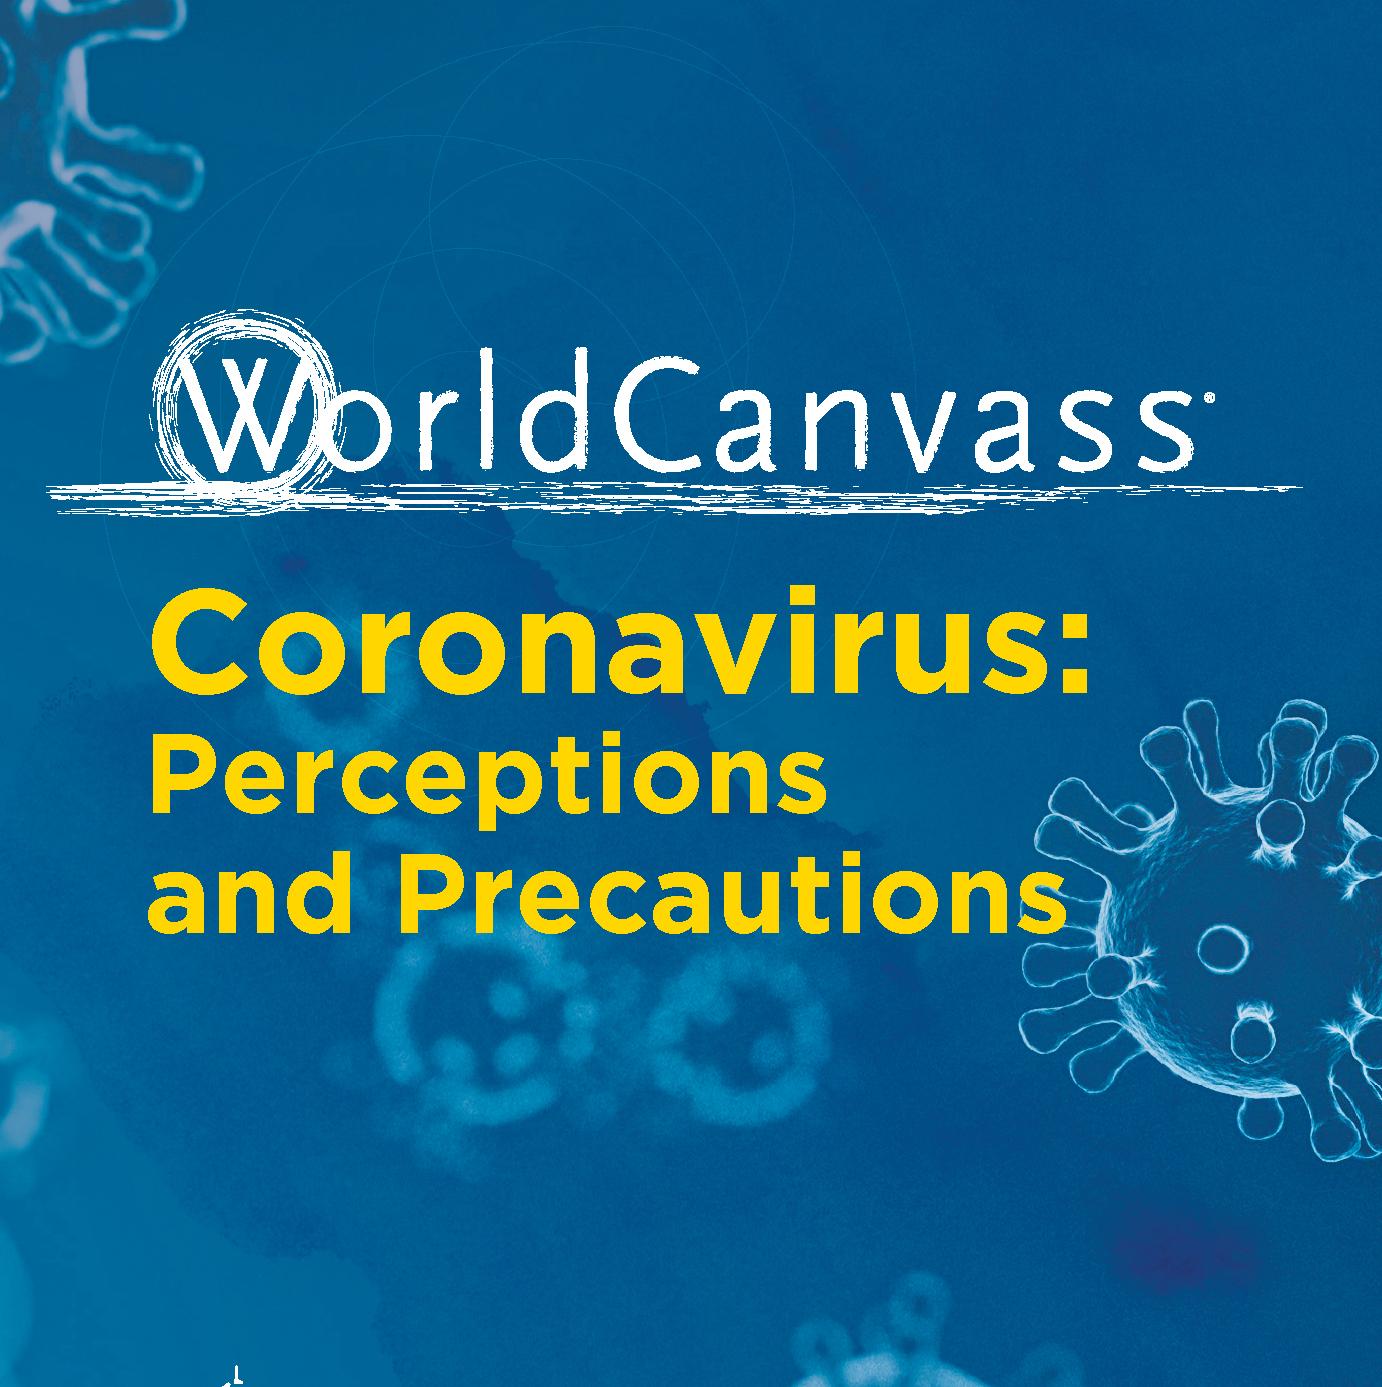 Worldcanvass February 21